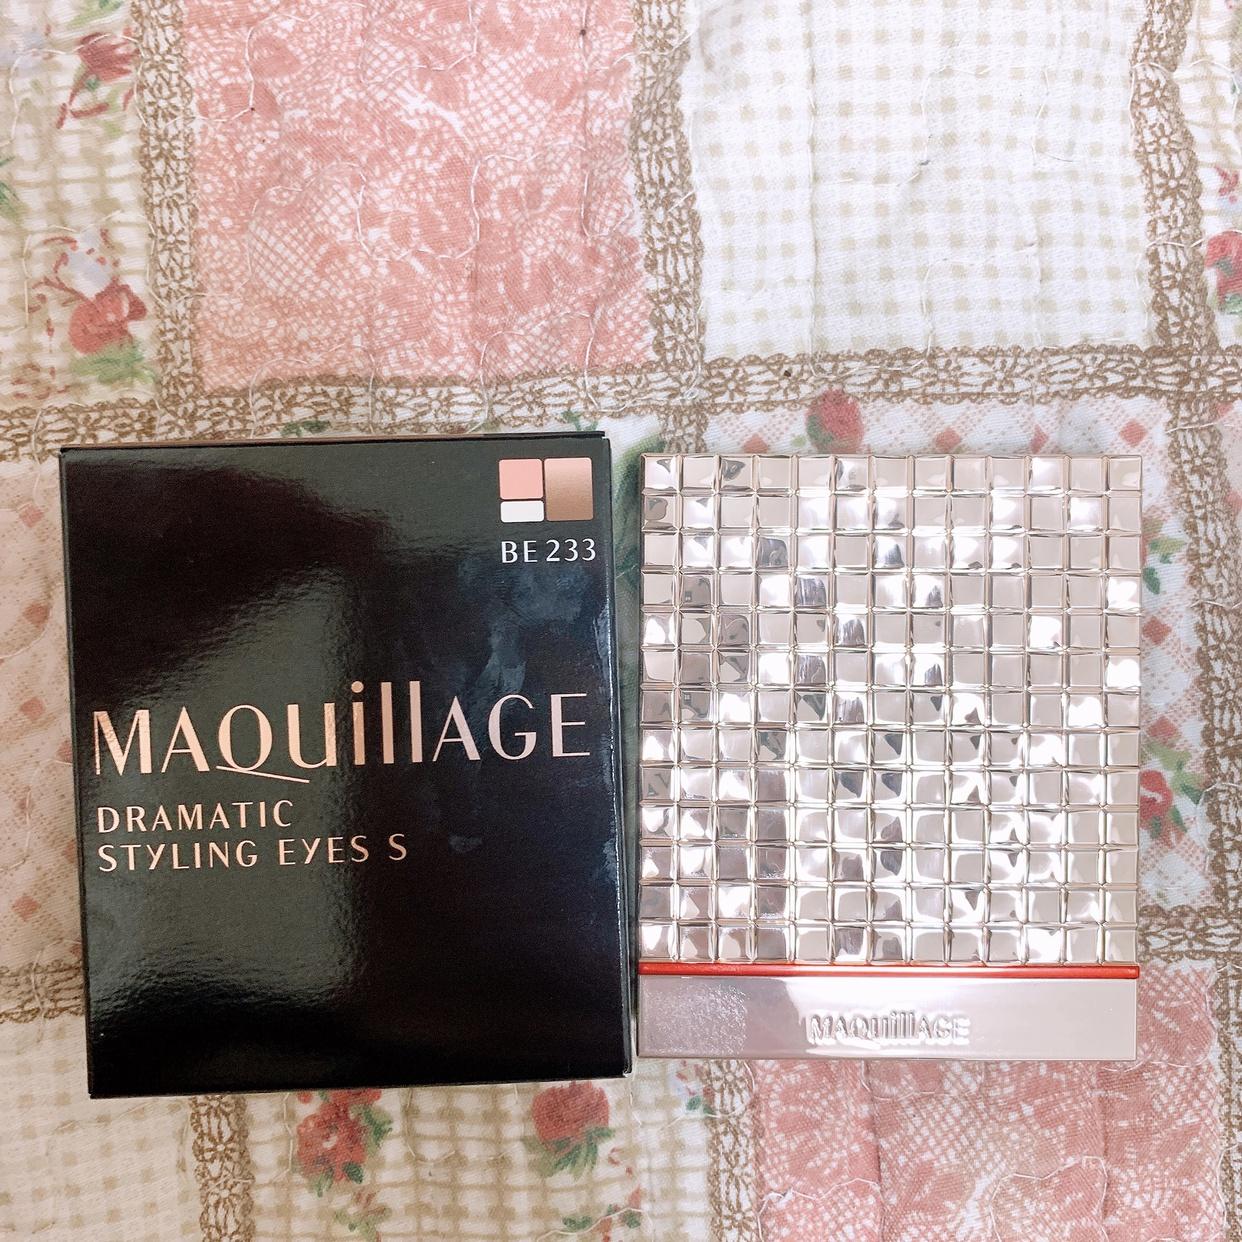 MAQuillAGE(マキアージュ) ドラマティックスタイリングアイズSを使ったまりたそさんのクチコミ画像2